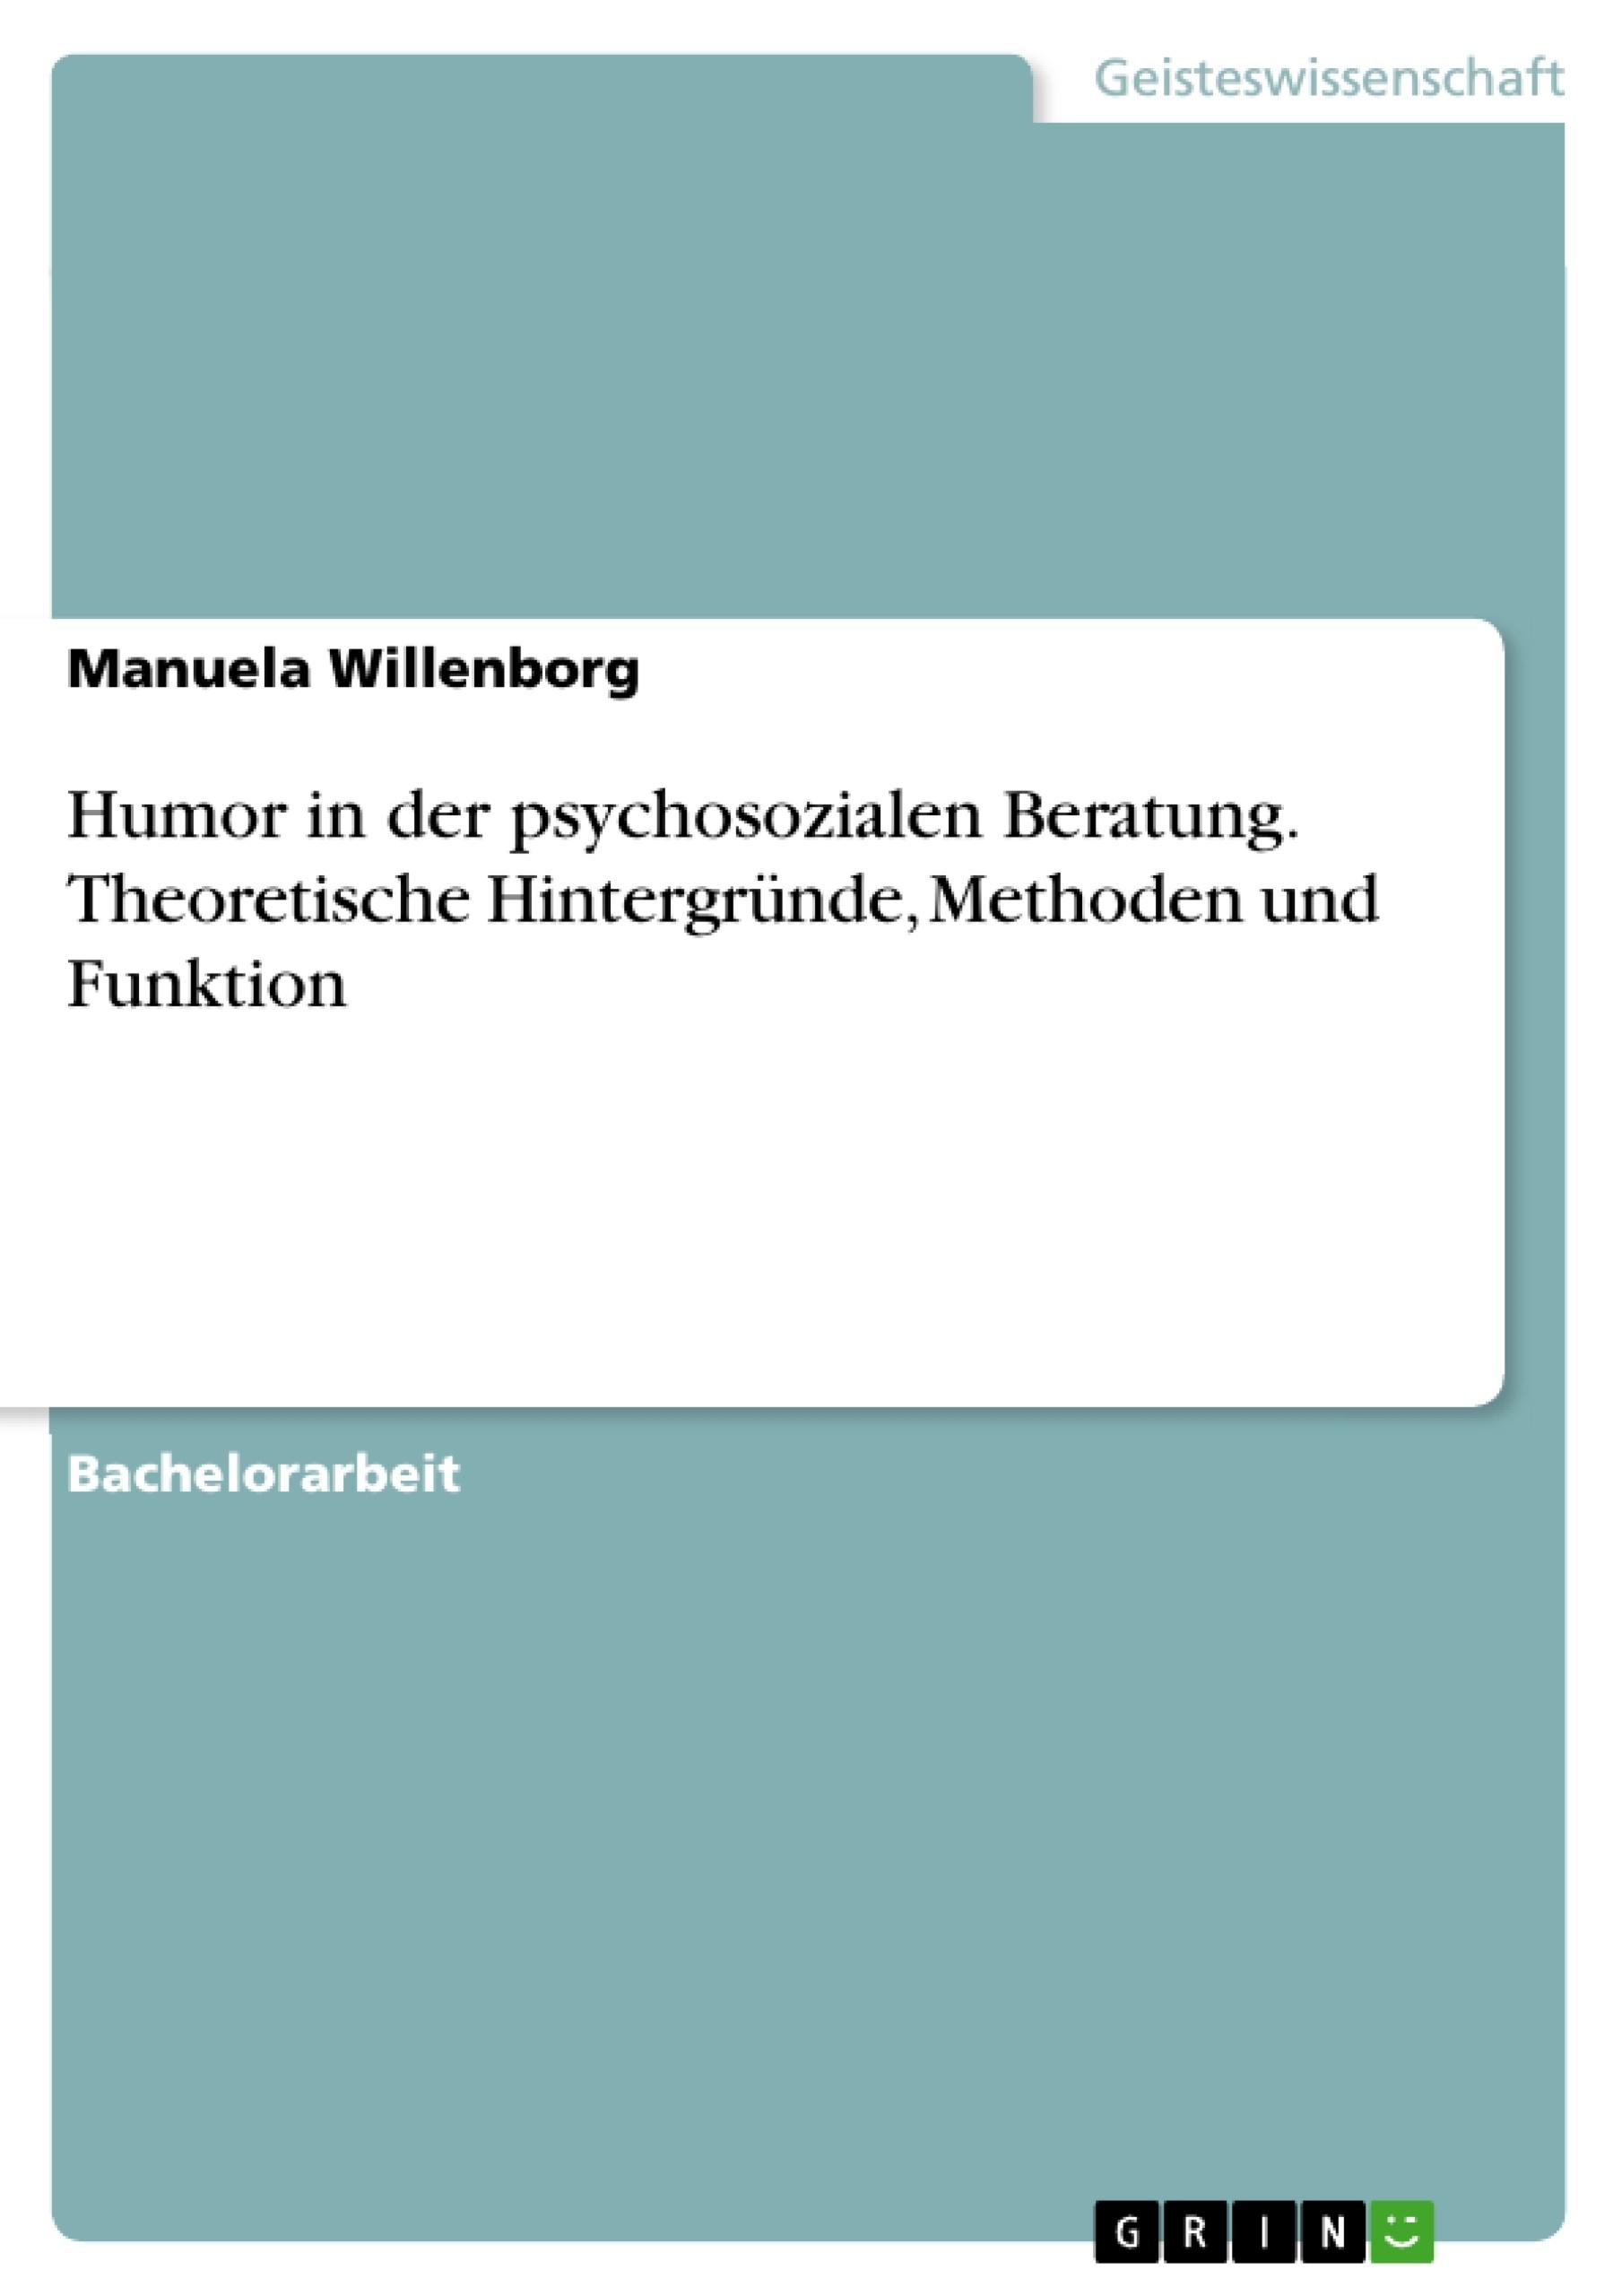 Titel: Humor in der psychosozialen Beratung. Theoretische Hintergründe, Methoden und Funktion